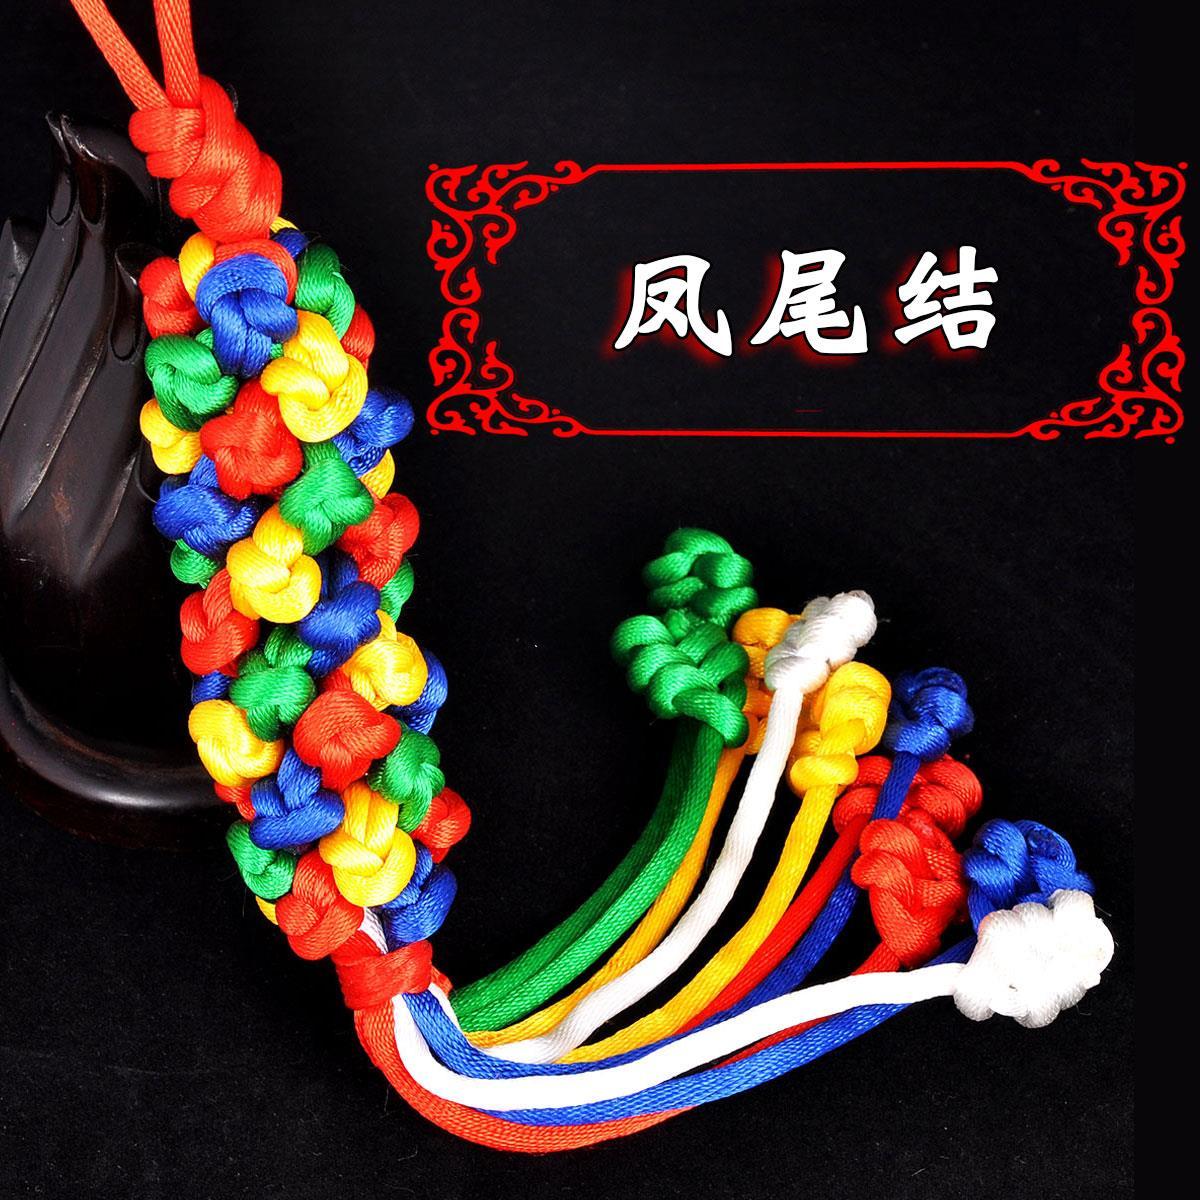 金剛結掛件汽車裝飾品藏式五彩繩 手編吉祥菠蘿中國結車掛♠極有家♠